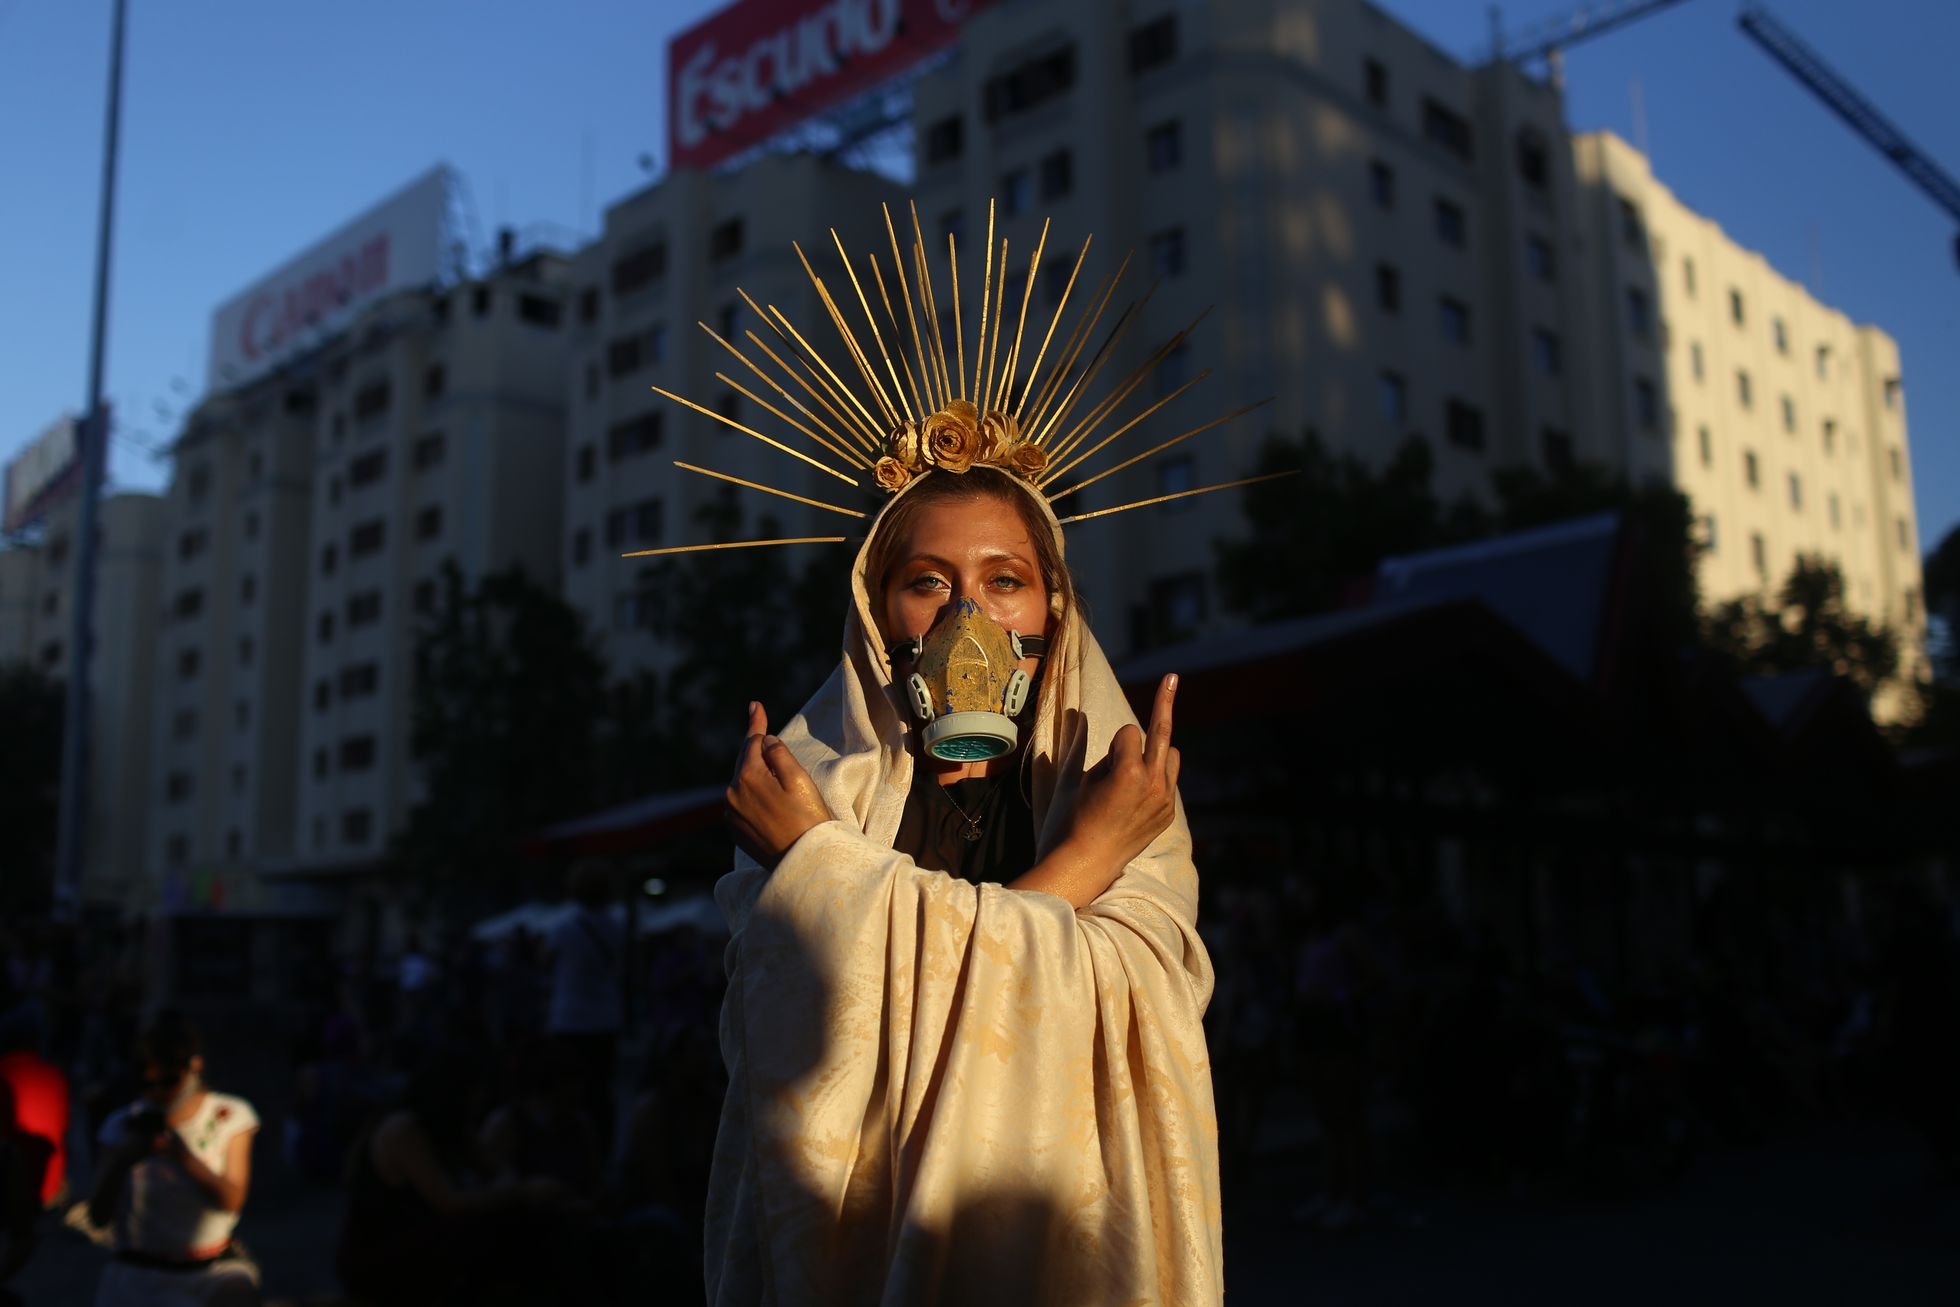 Una mujer realiza una acción artística durante una masiva conmemoración del Día Internacional de la Mujer, en Santiago el 08 de marzo de 2021.